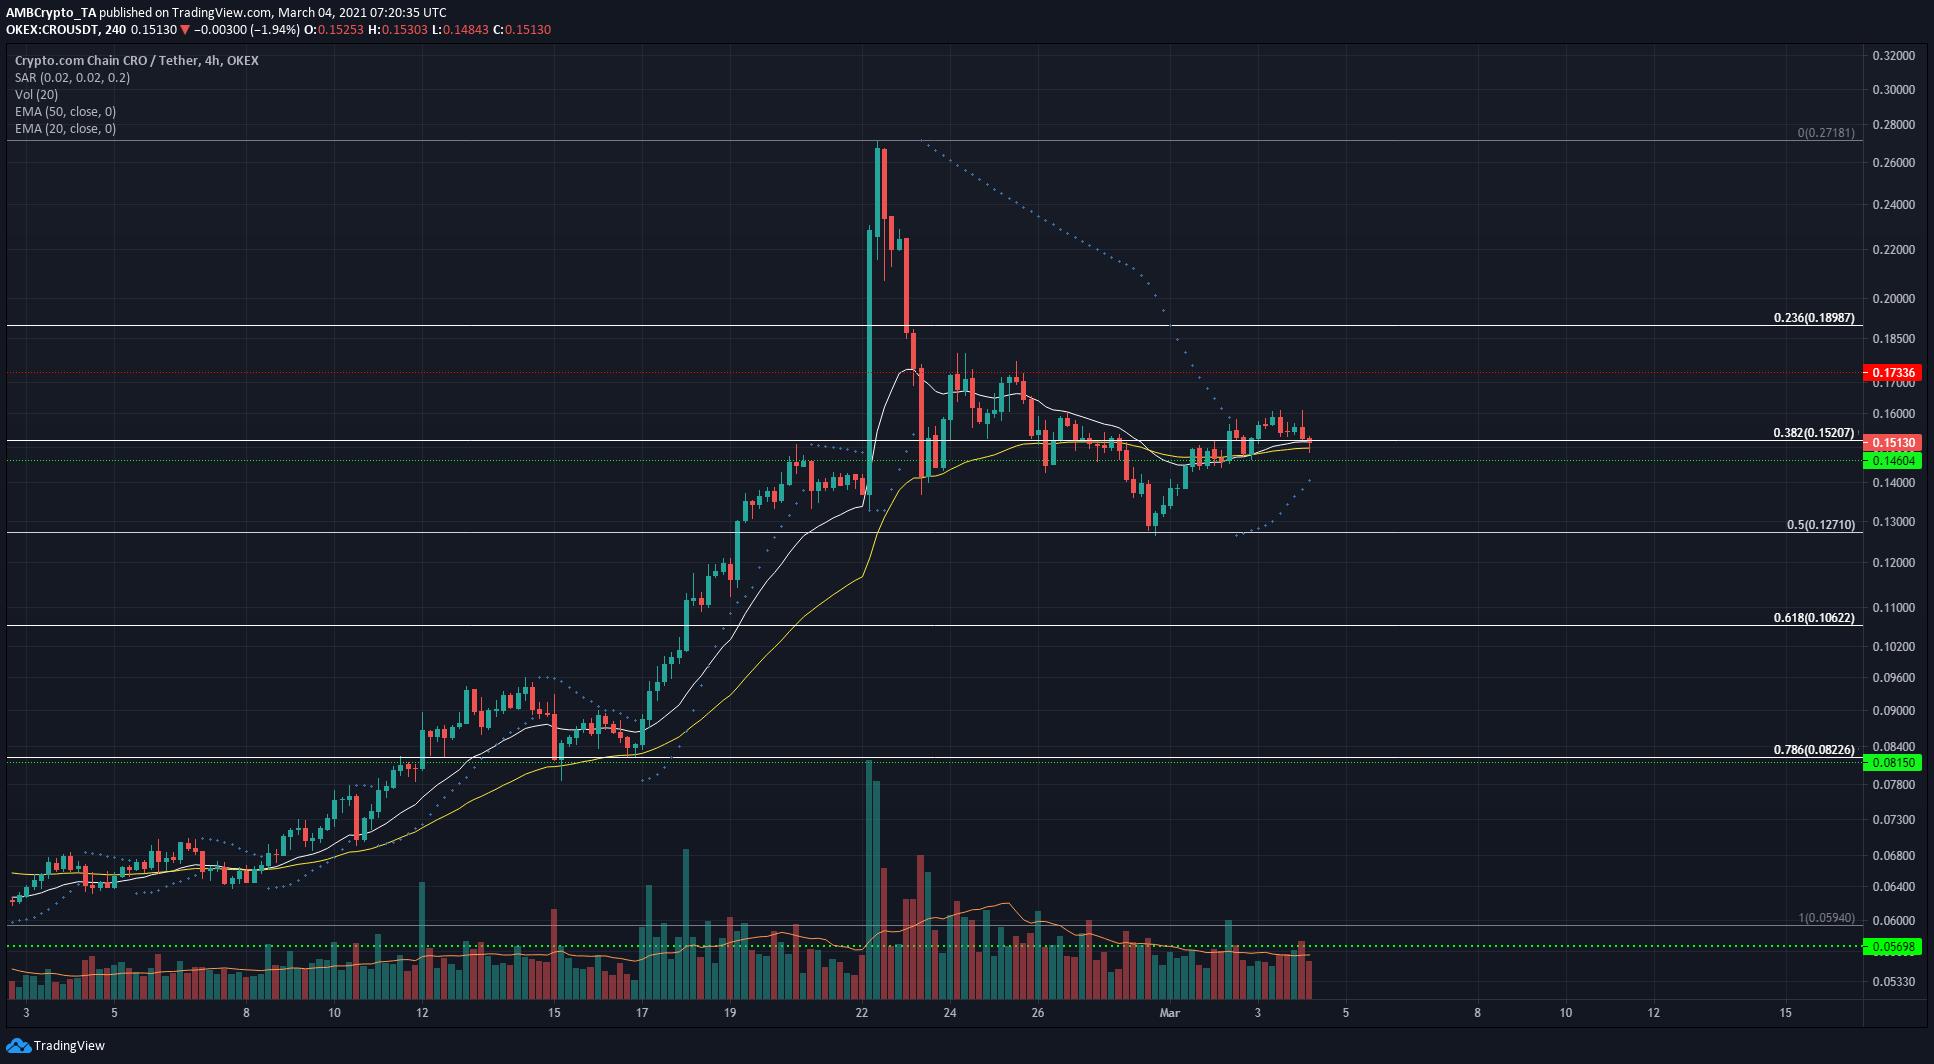 EOS, Crypto.com Coin, Dash Price Analysis: 04 March